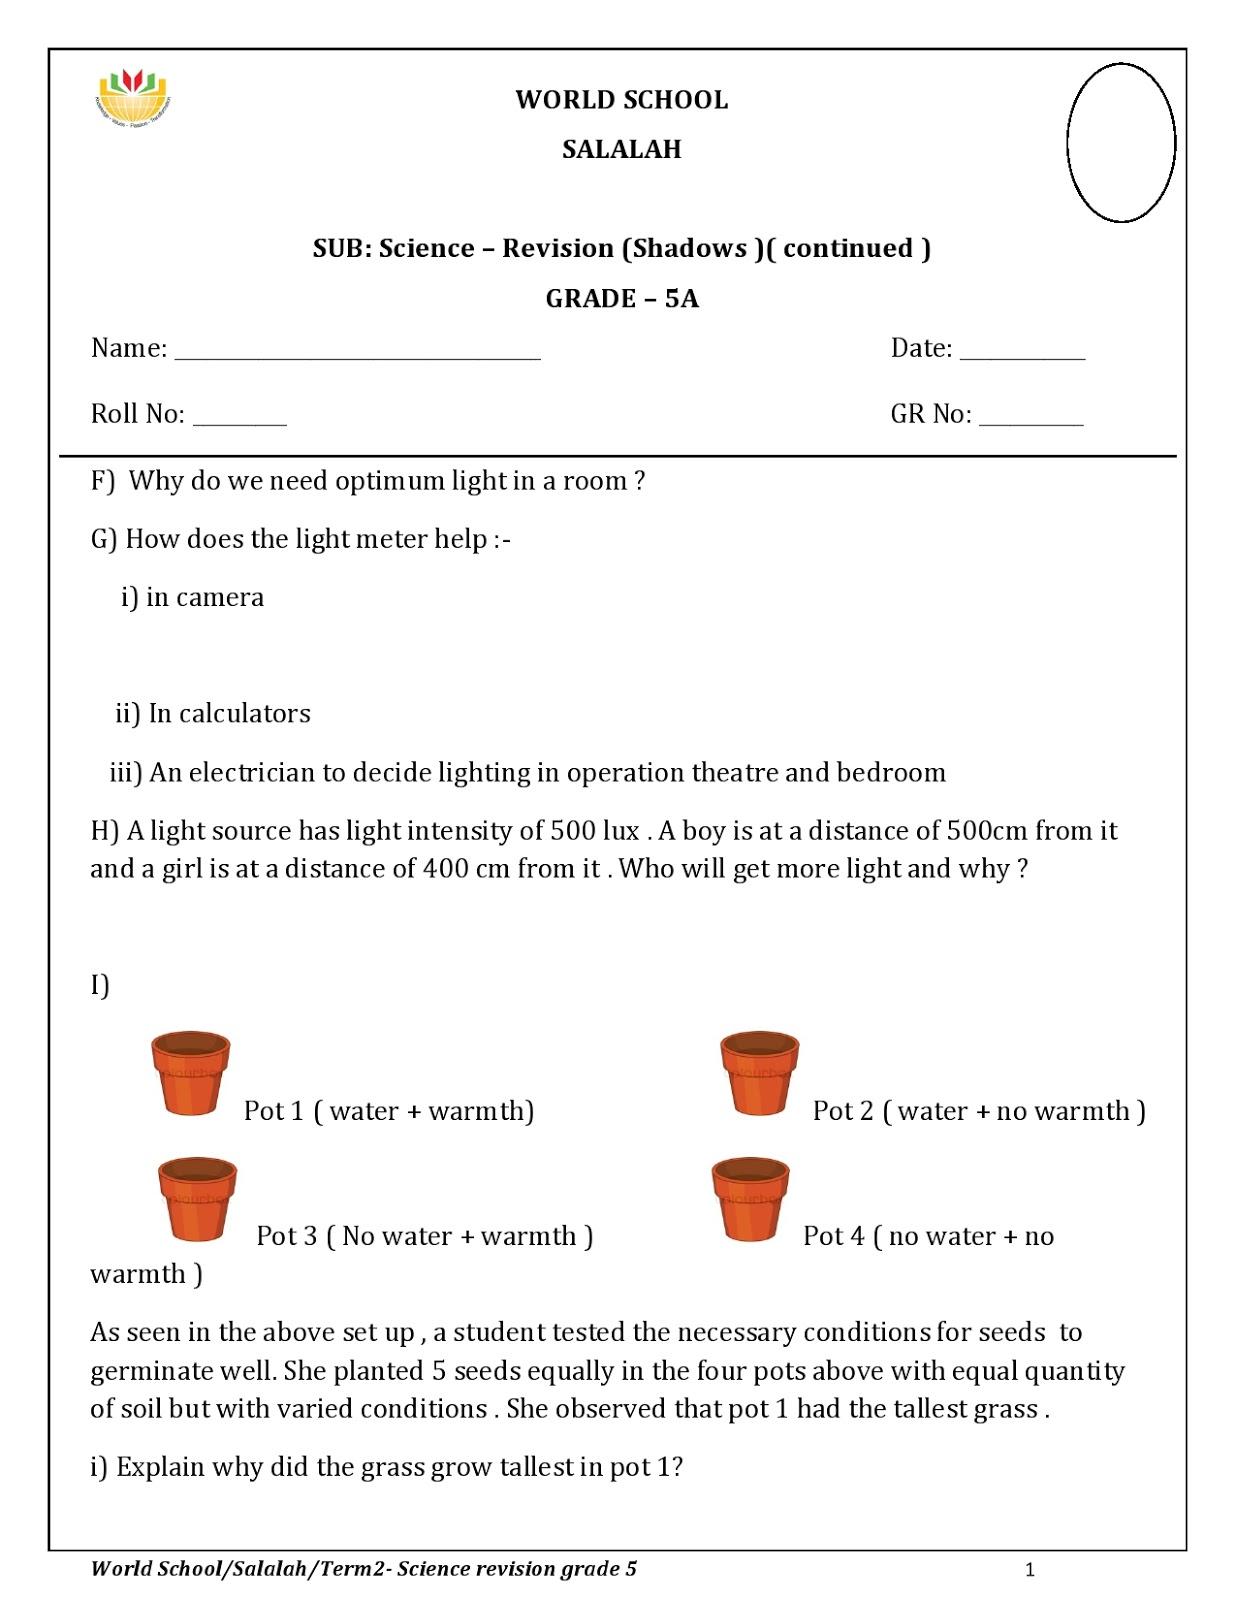 medium resolution of WORLD SCHOOL OMAN: Homework for Grade 5 as on 16/05/2018